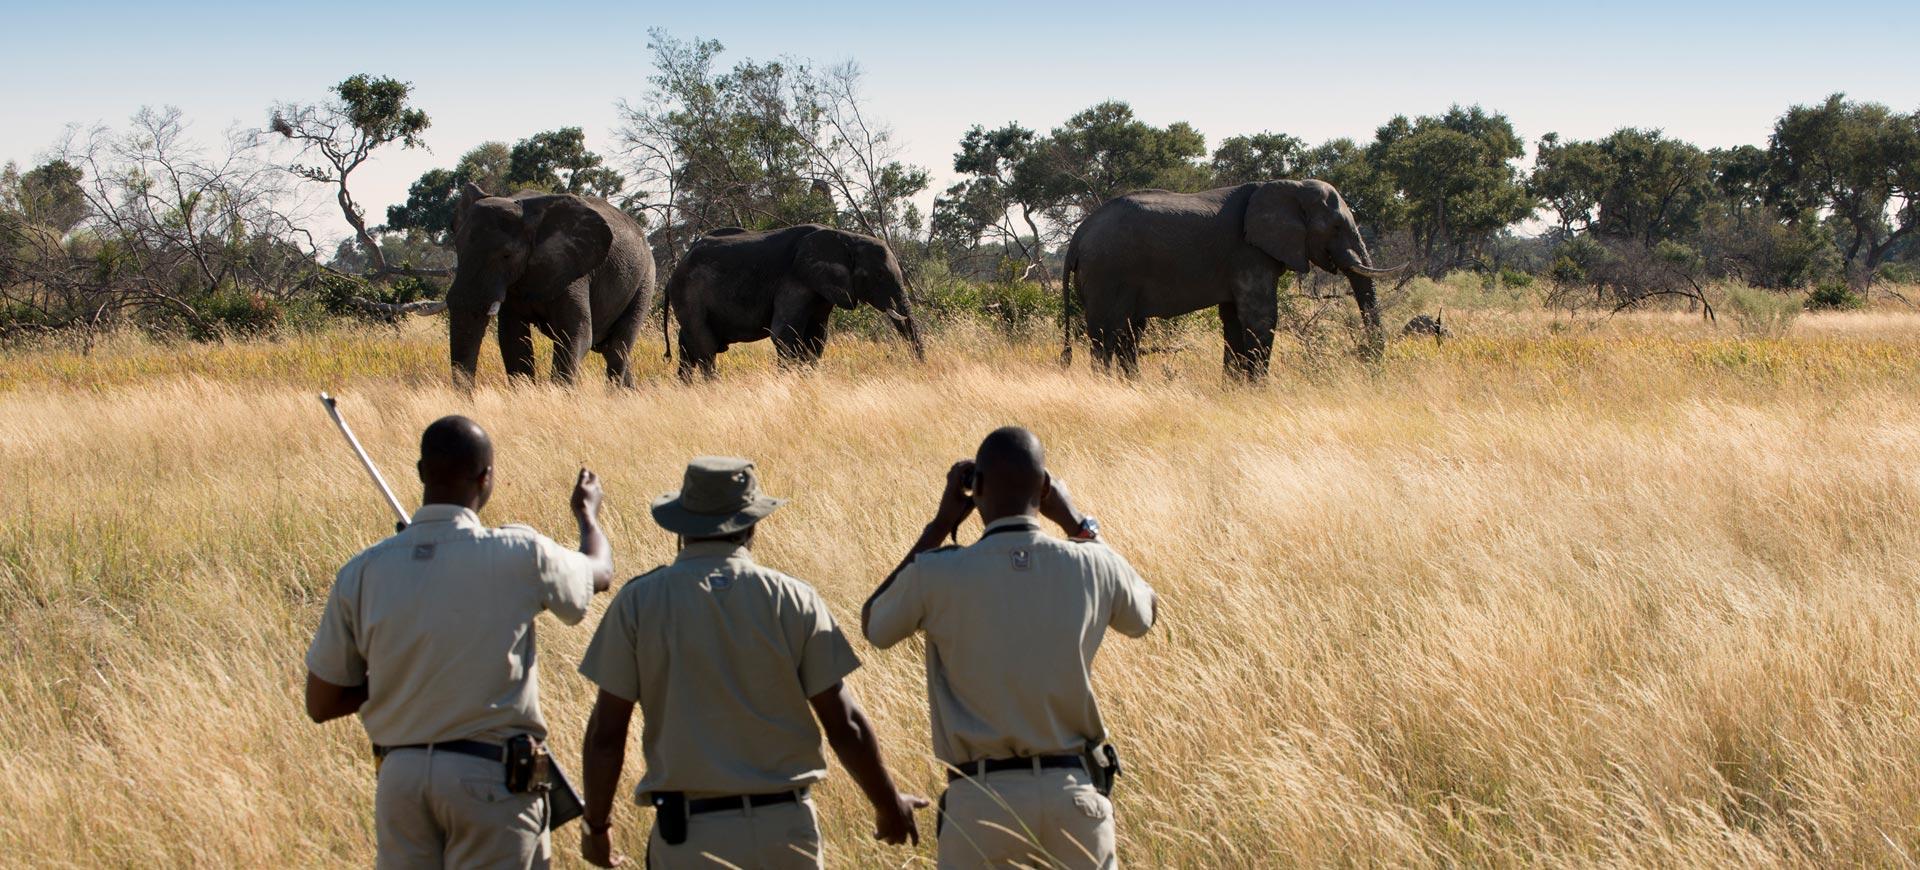 Walking Okavango Delta